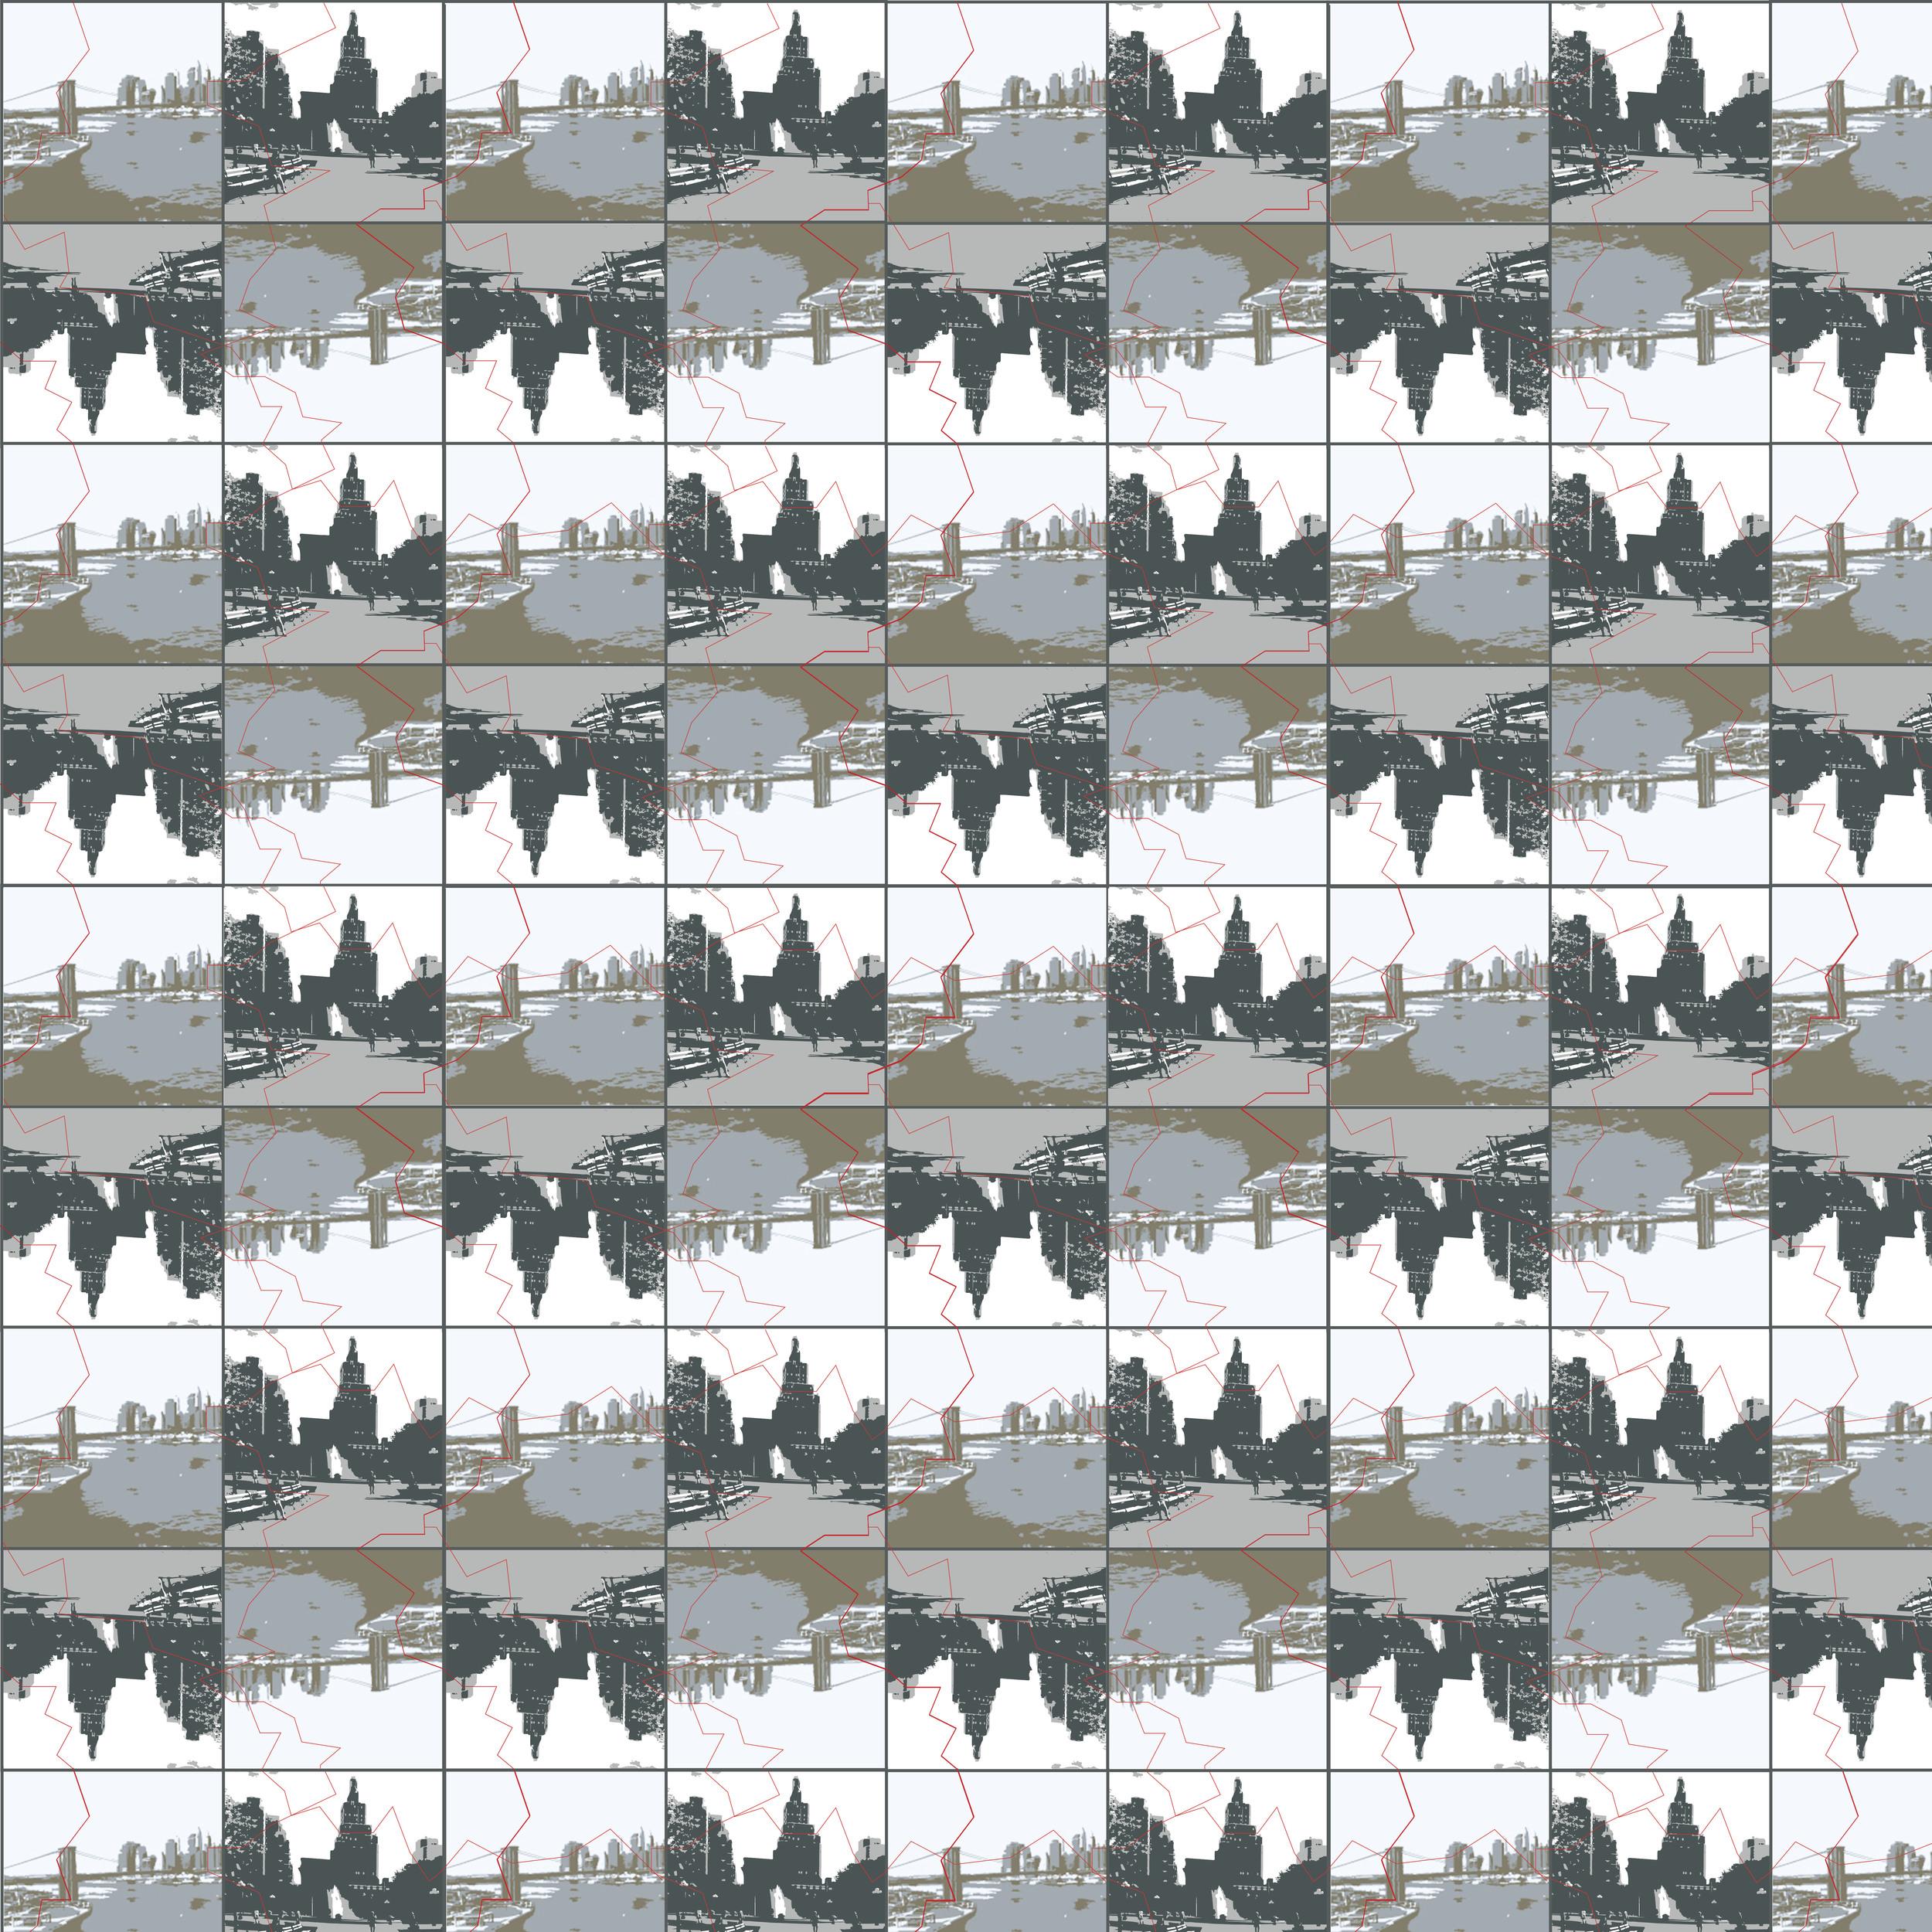 Wallpaper_FINAL.jpg